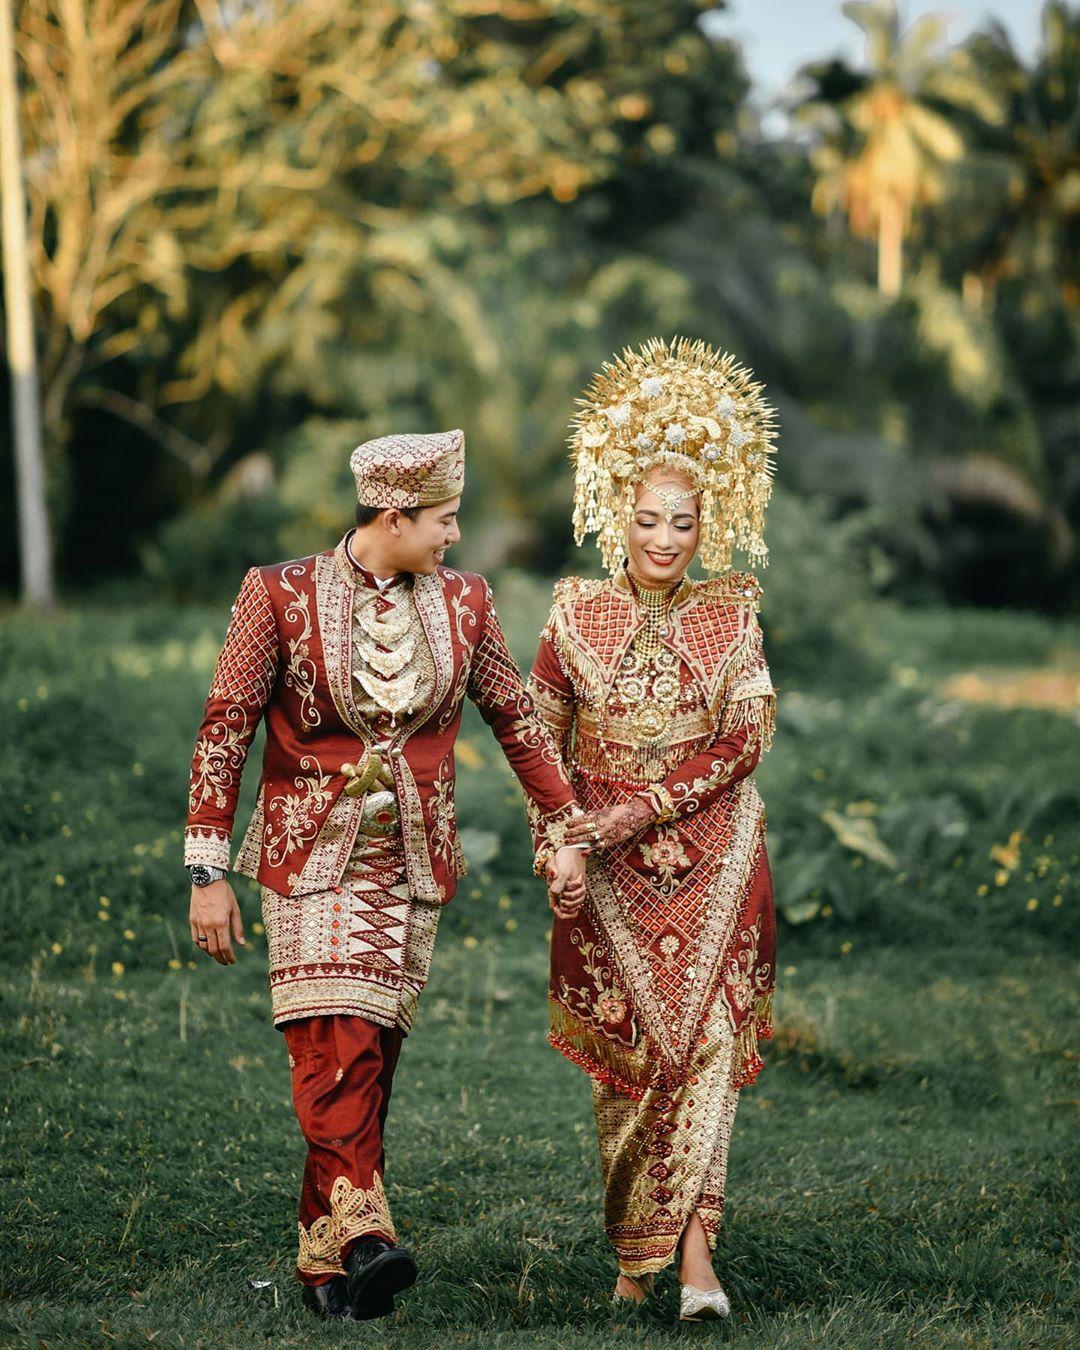 Contoh Pakaian Adat Dari Sumatera Barat